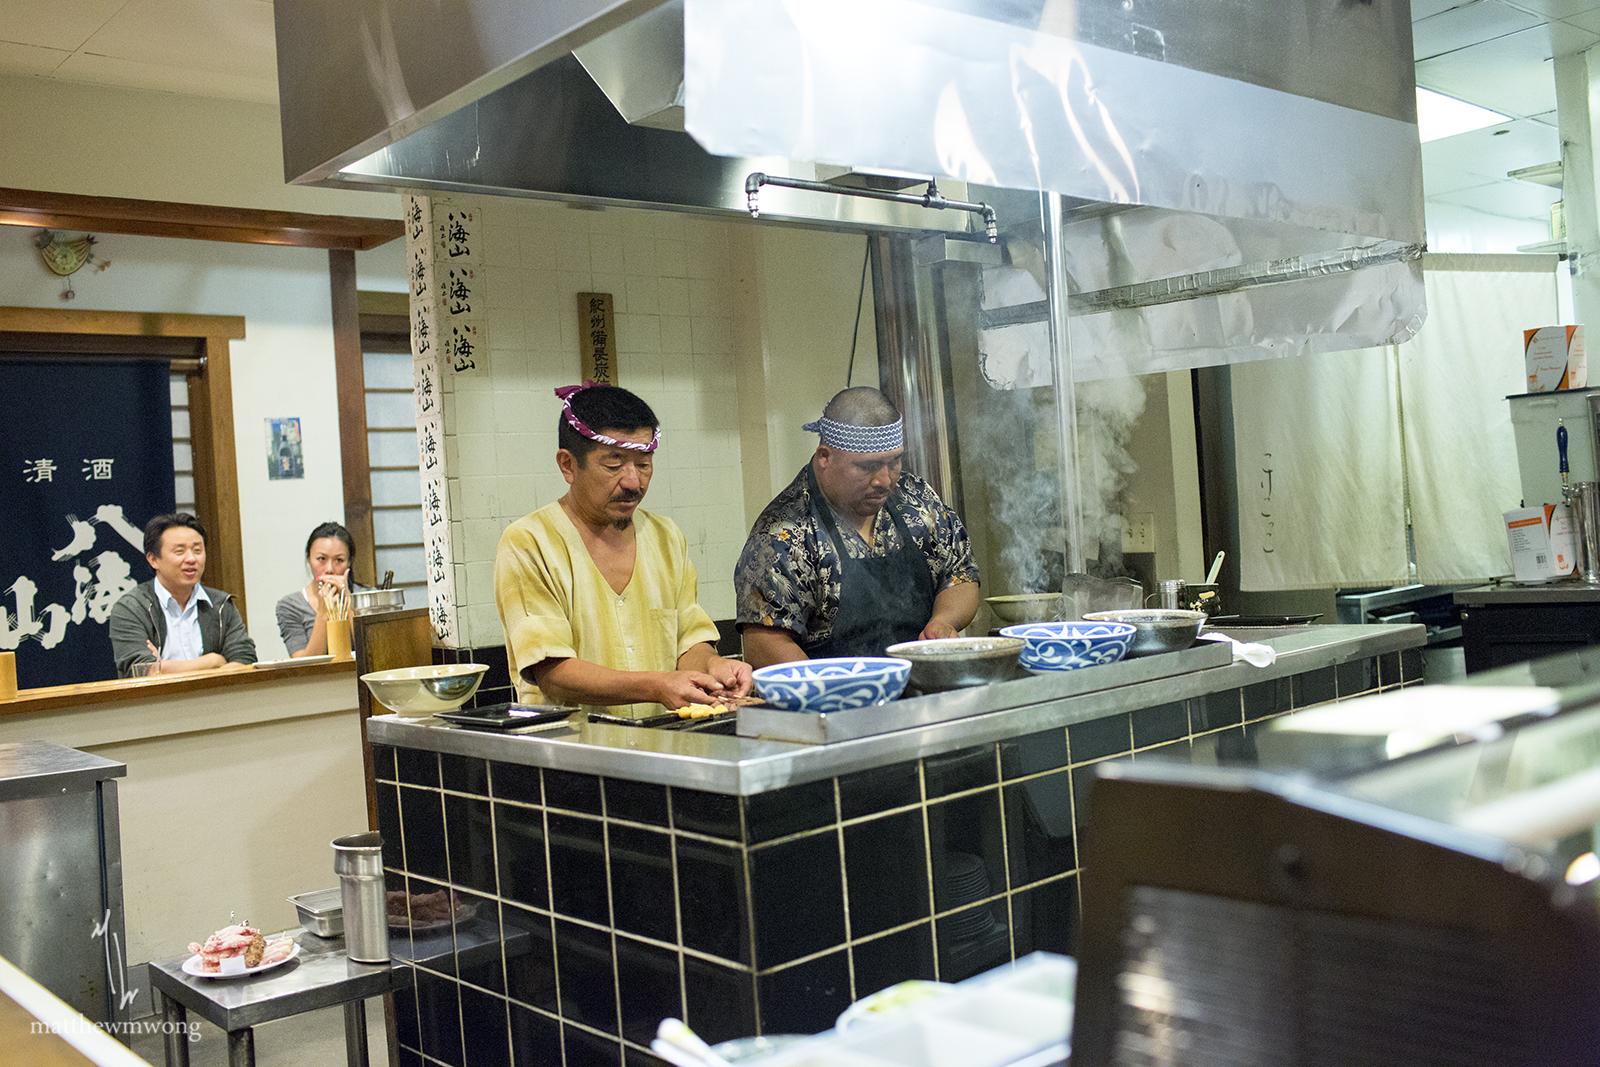 Yakitori master Tomohiro Sakata